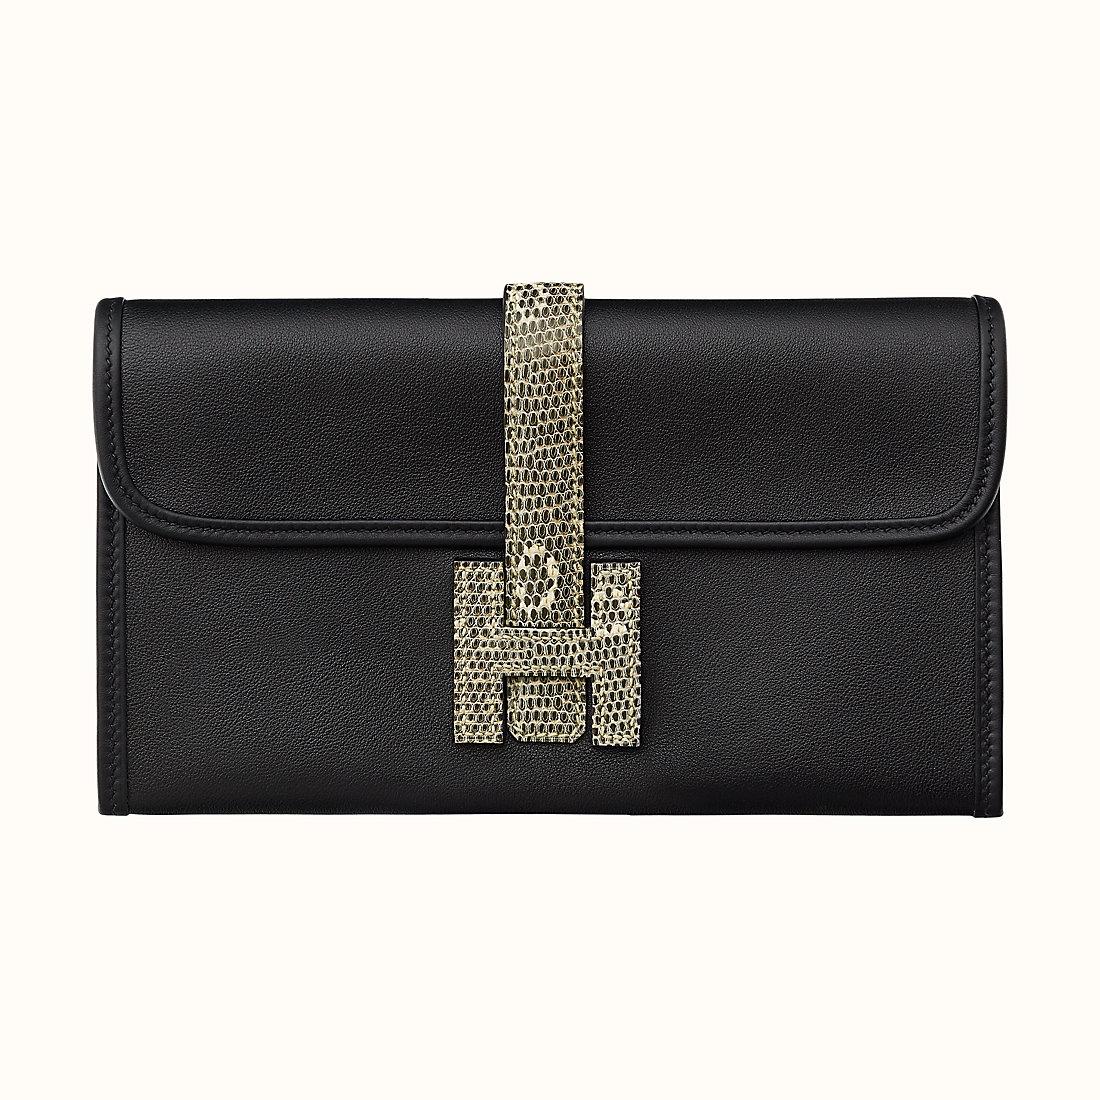 臺灣新北市愛馬仕長款錢包 Hermes Jige Duo wallet Noir/Ombre